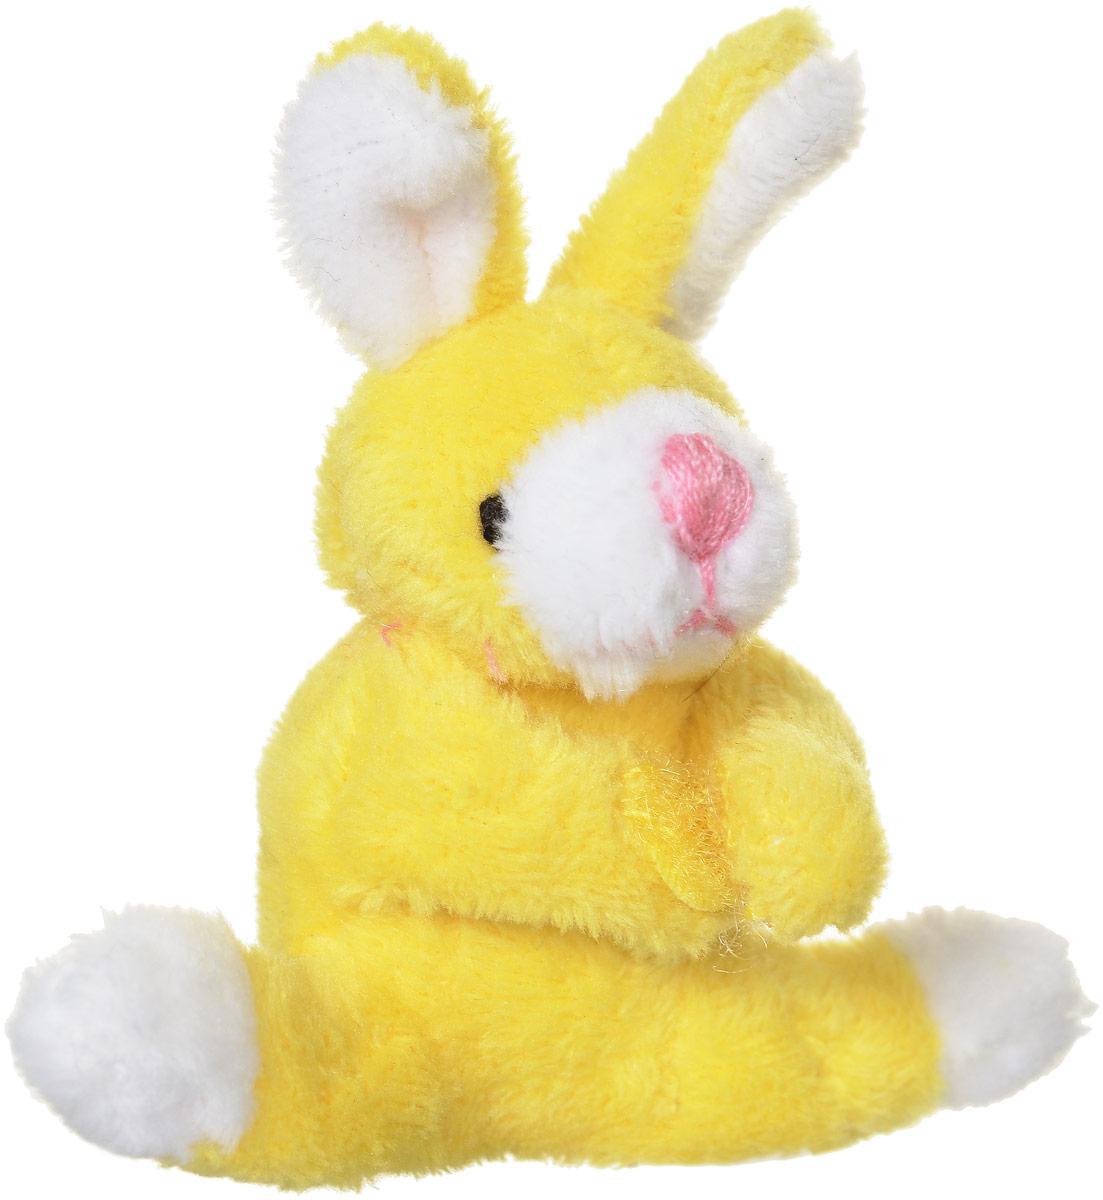 Beanzees Мягкая игрушка Кролик Butter Scotch 6 смB31001_желтый заяцОчаровательная мягкая игрушка Beanzees Кролик Butter Scotch подарит своей владелице море позитивных эмоций. Мягкие игрушки Beanzees - крошечные плюшевые животные. С помощью липучек на лапках зверюшек можно скреплять игрушки в браслеты и ожерелья или просто украсить комнату гирляндой из них. Животики фигурок заполнены гранулами, что делает их очень приятными на ощупь, развивает тактильные ощущения и помогает снять эмоциональное напряжение!